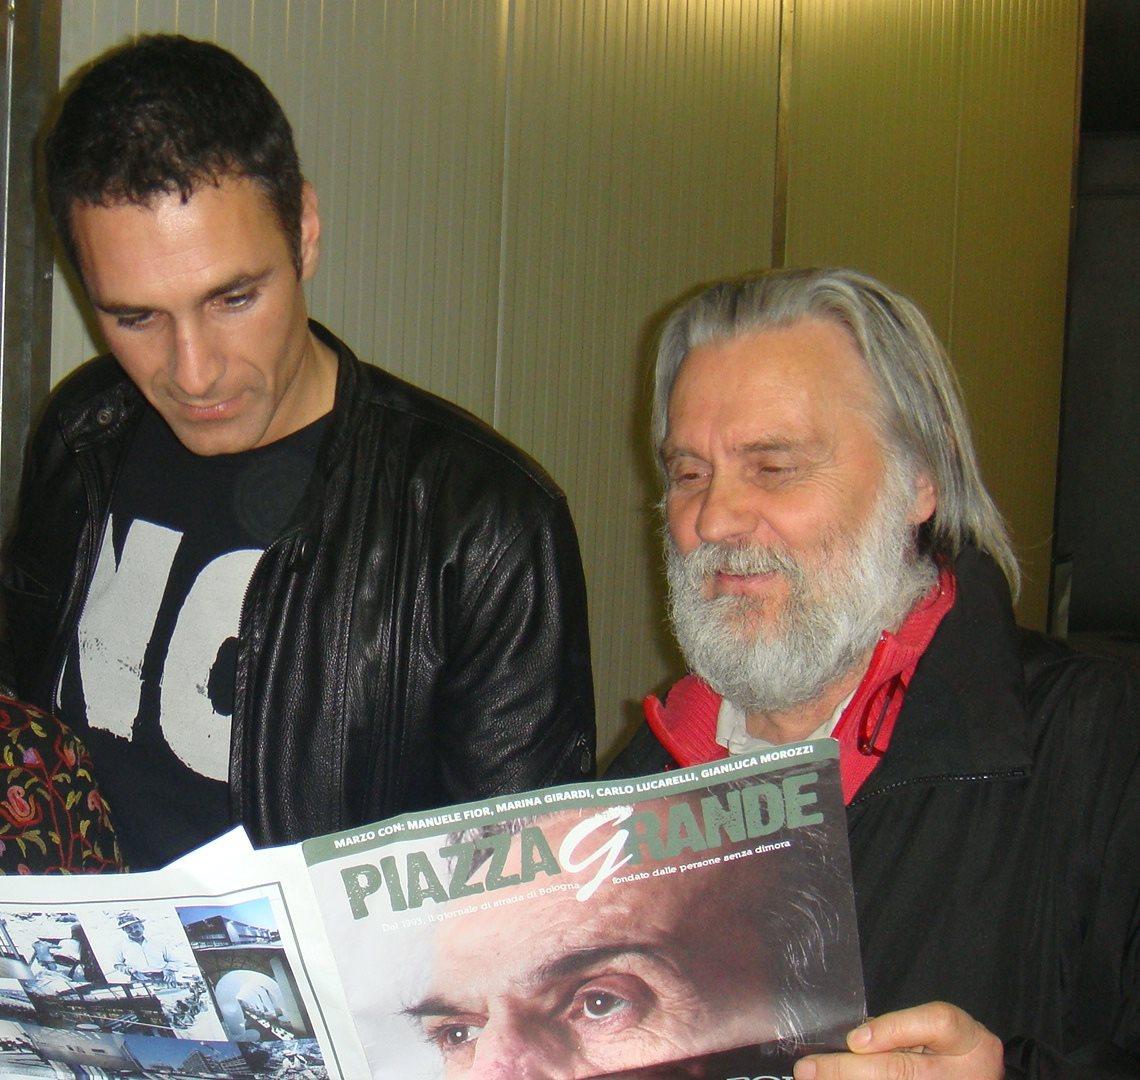 Raou Bova in Piazza Grande con Roberto